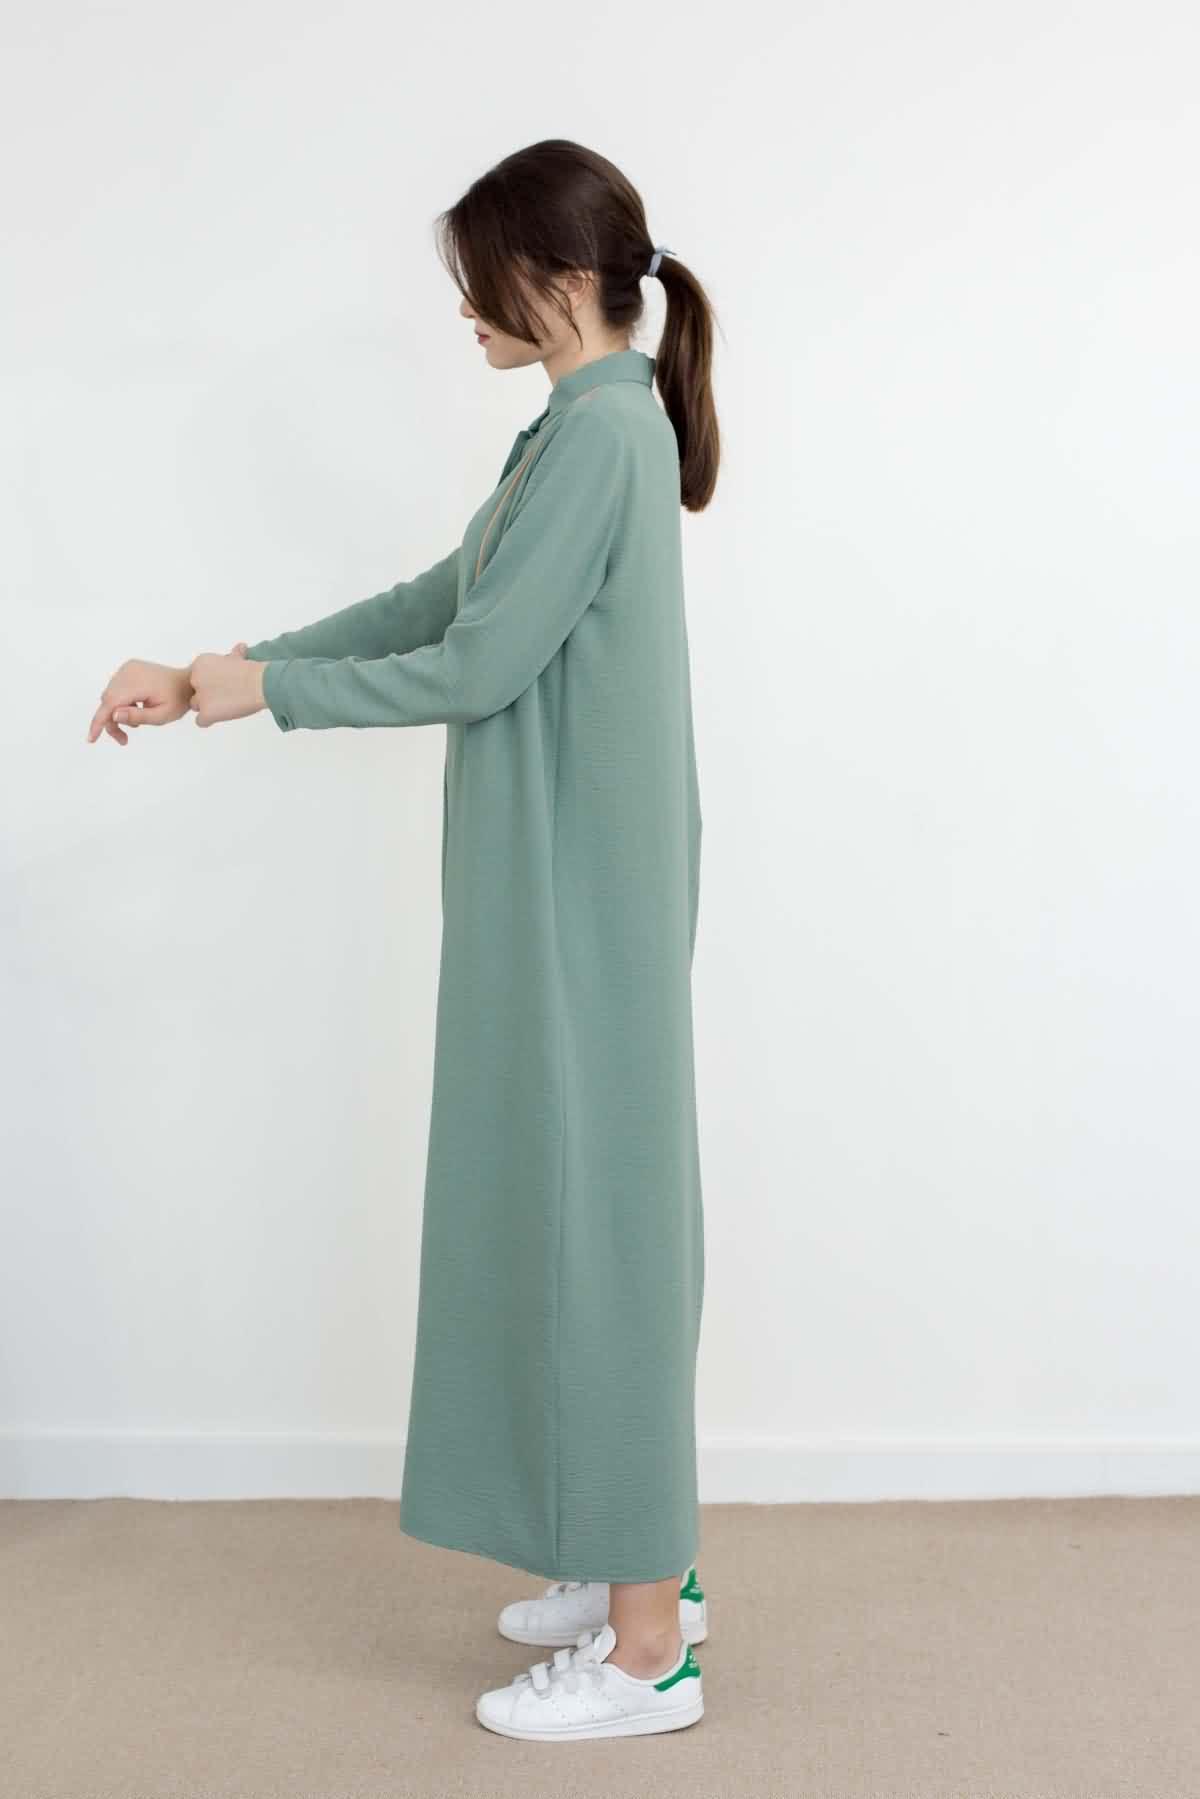 Mevra - Basıc Biyeli Elbise Mint